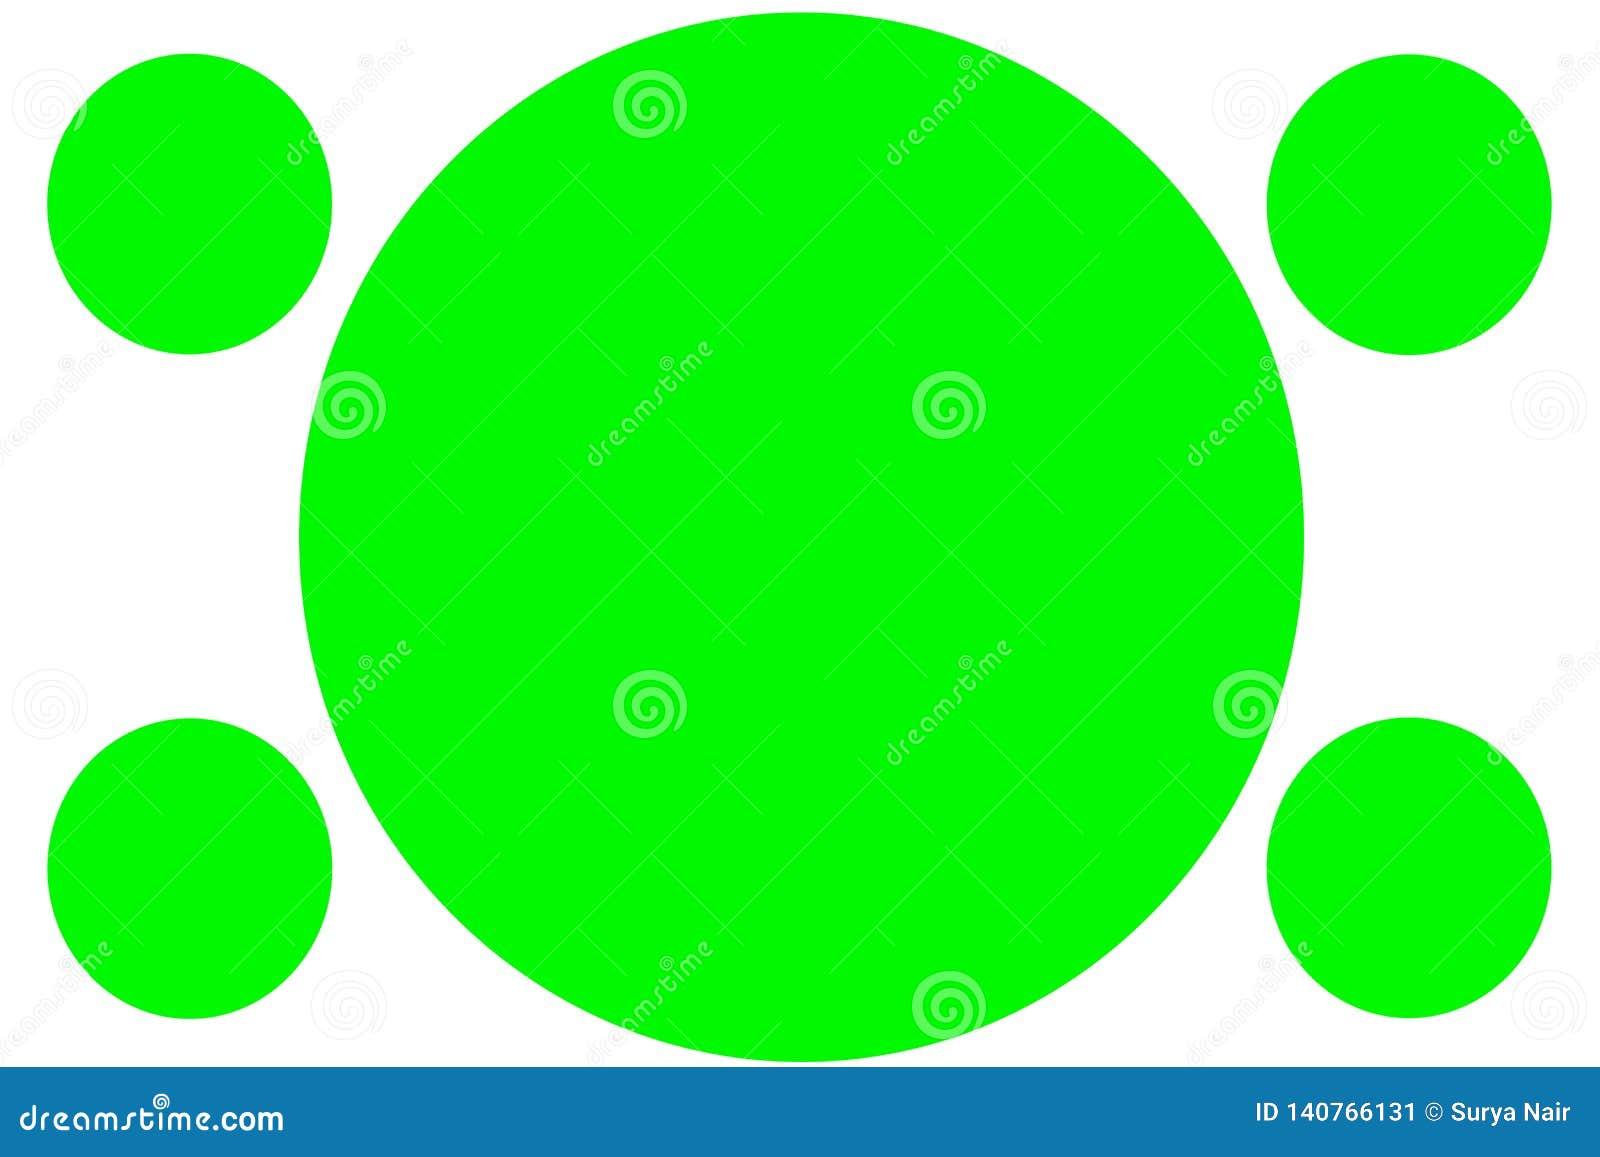 K??kowi Barwioni sztandary - ziele? okr?gi Mo?e u?ywa? dla Ilustracyjnego zamierza, t?o, strona internetowa, biznesy, prezentacje